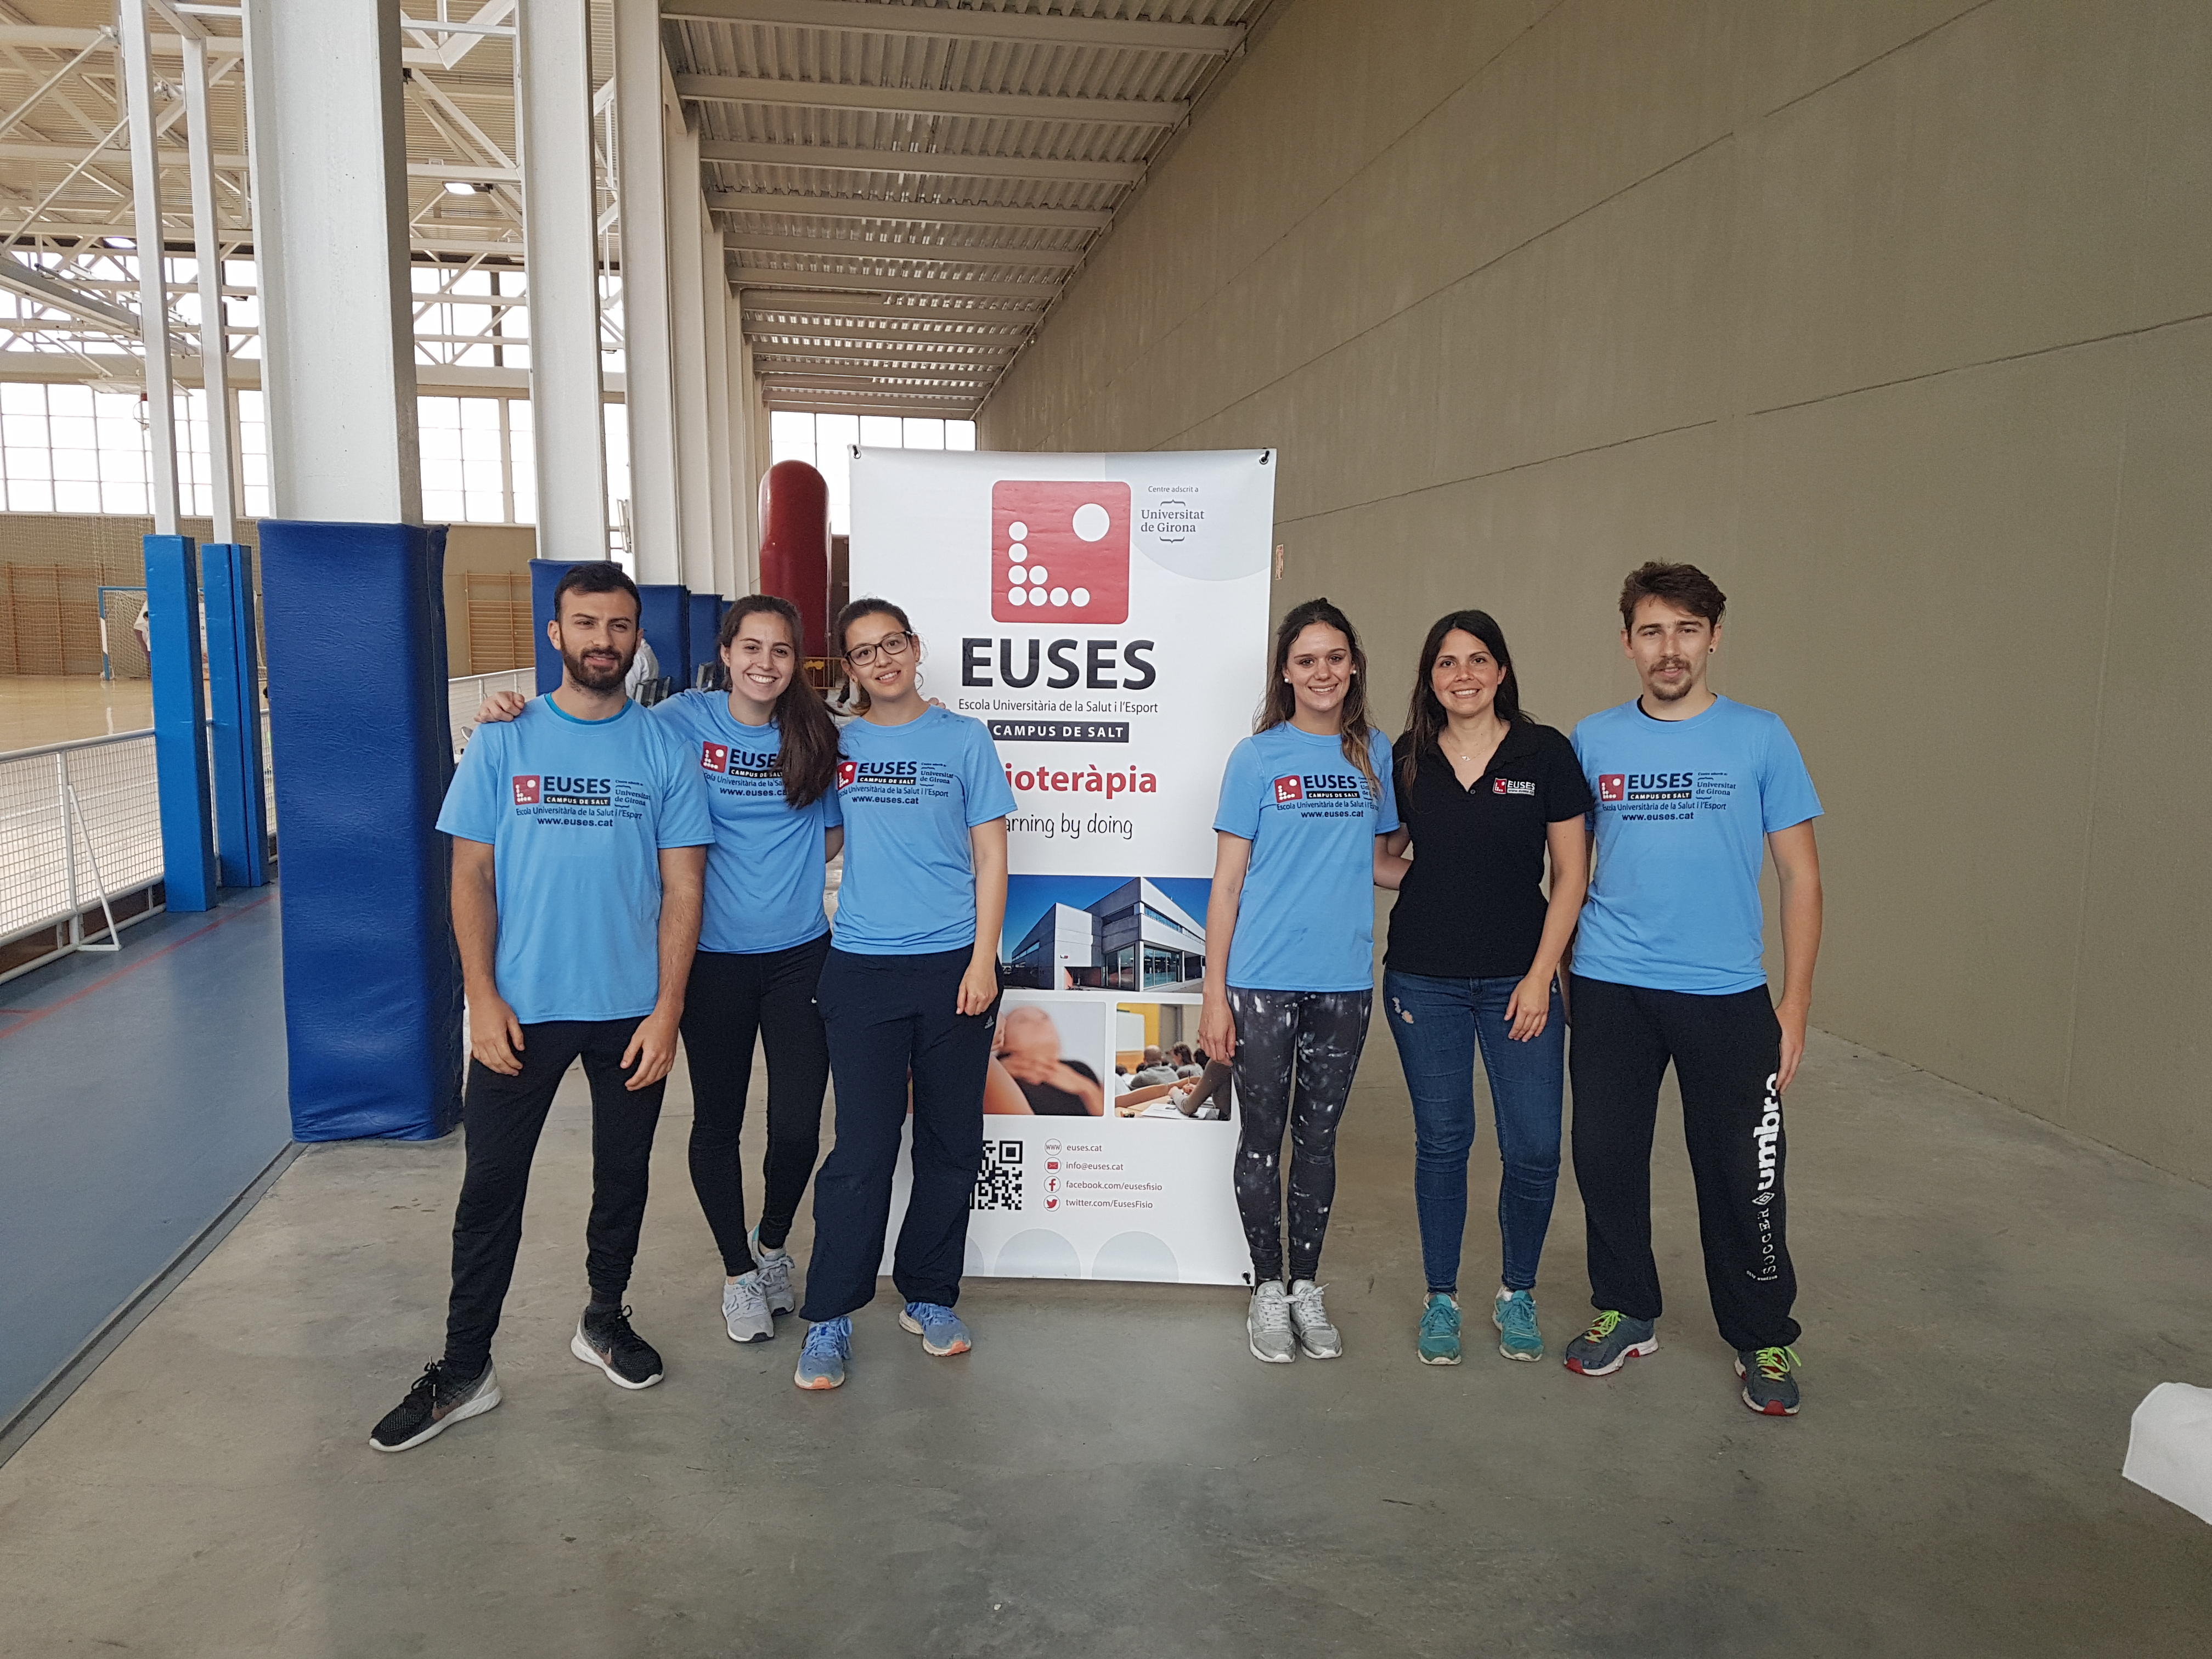 L'Escola Universitària de la Salut i l'Esport posa el seu gra de sorra en la cursa solidària de Primavera a Sant Julià de Ramis